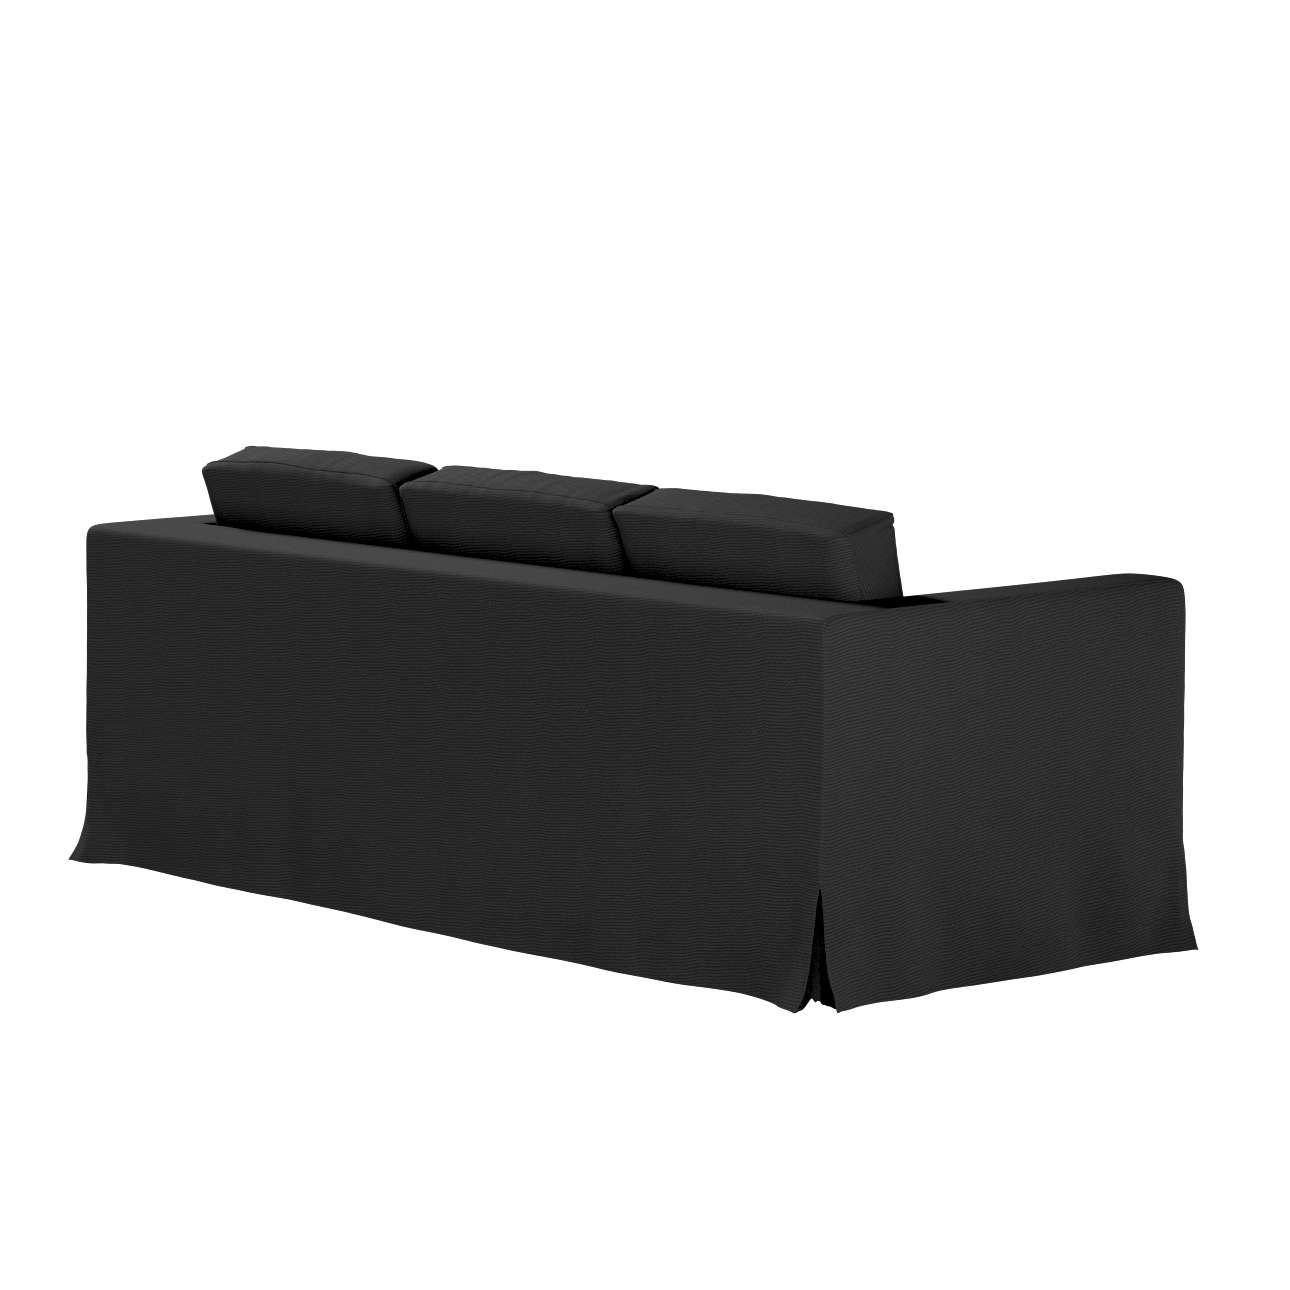 Bezug für Karlanda 3-Sitzer Sofa nicht ausklappbar, lang von der Kollektion Etna, Stoff: 705-00